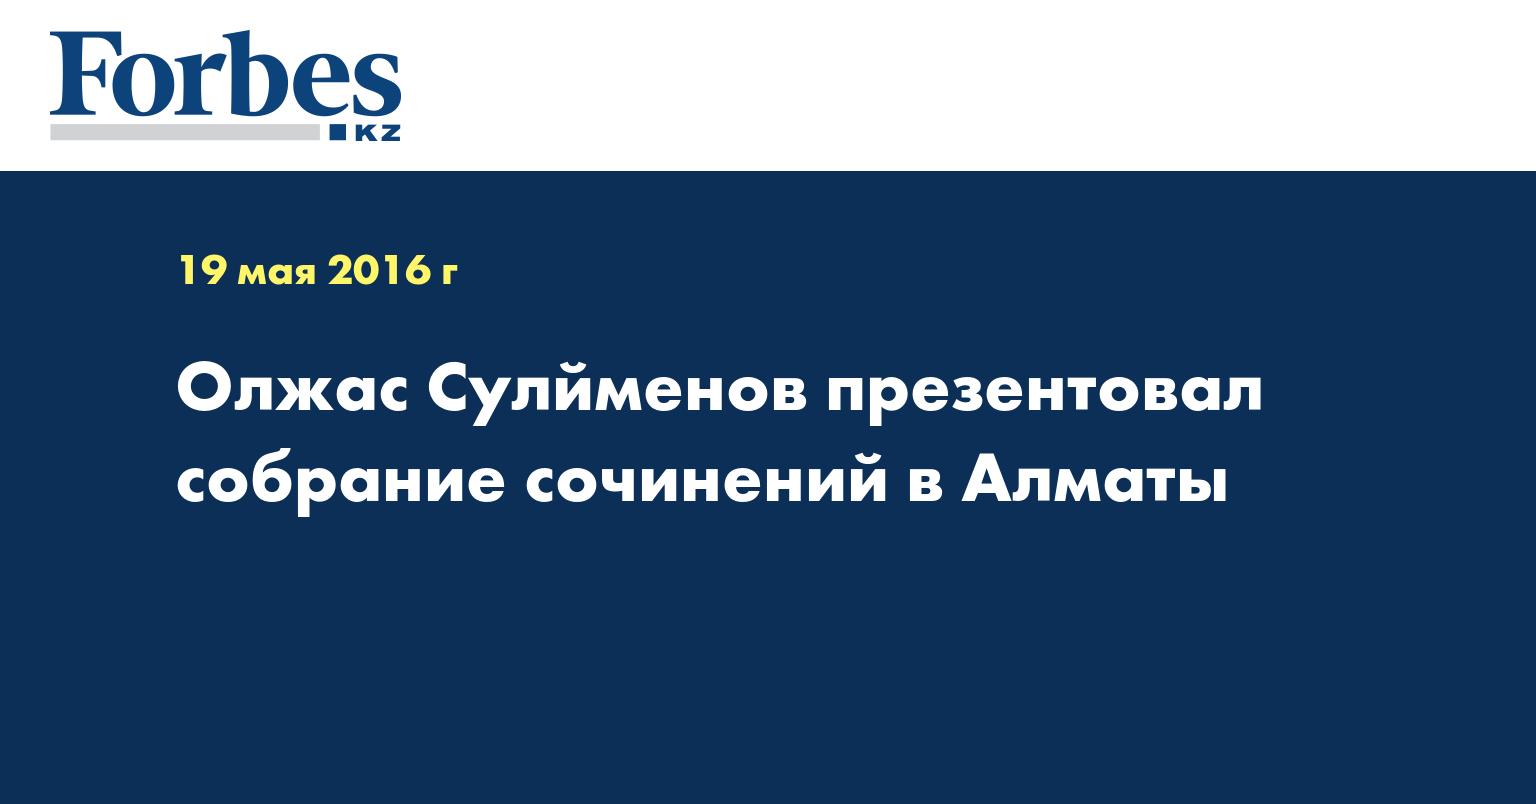 Олжас Сулйменов презентовал собрание сочинений в Алматы